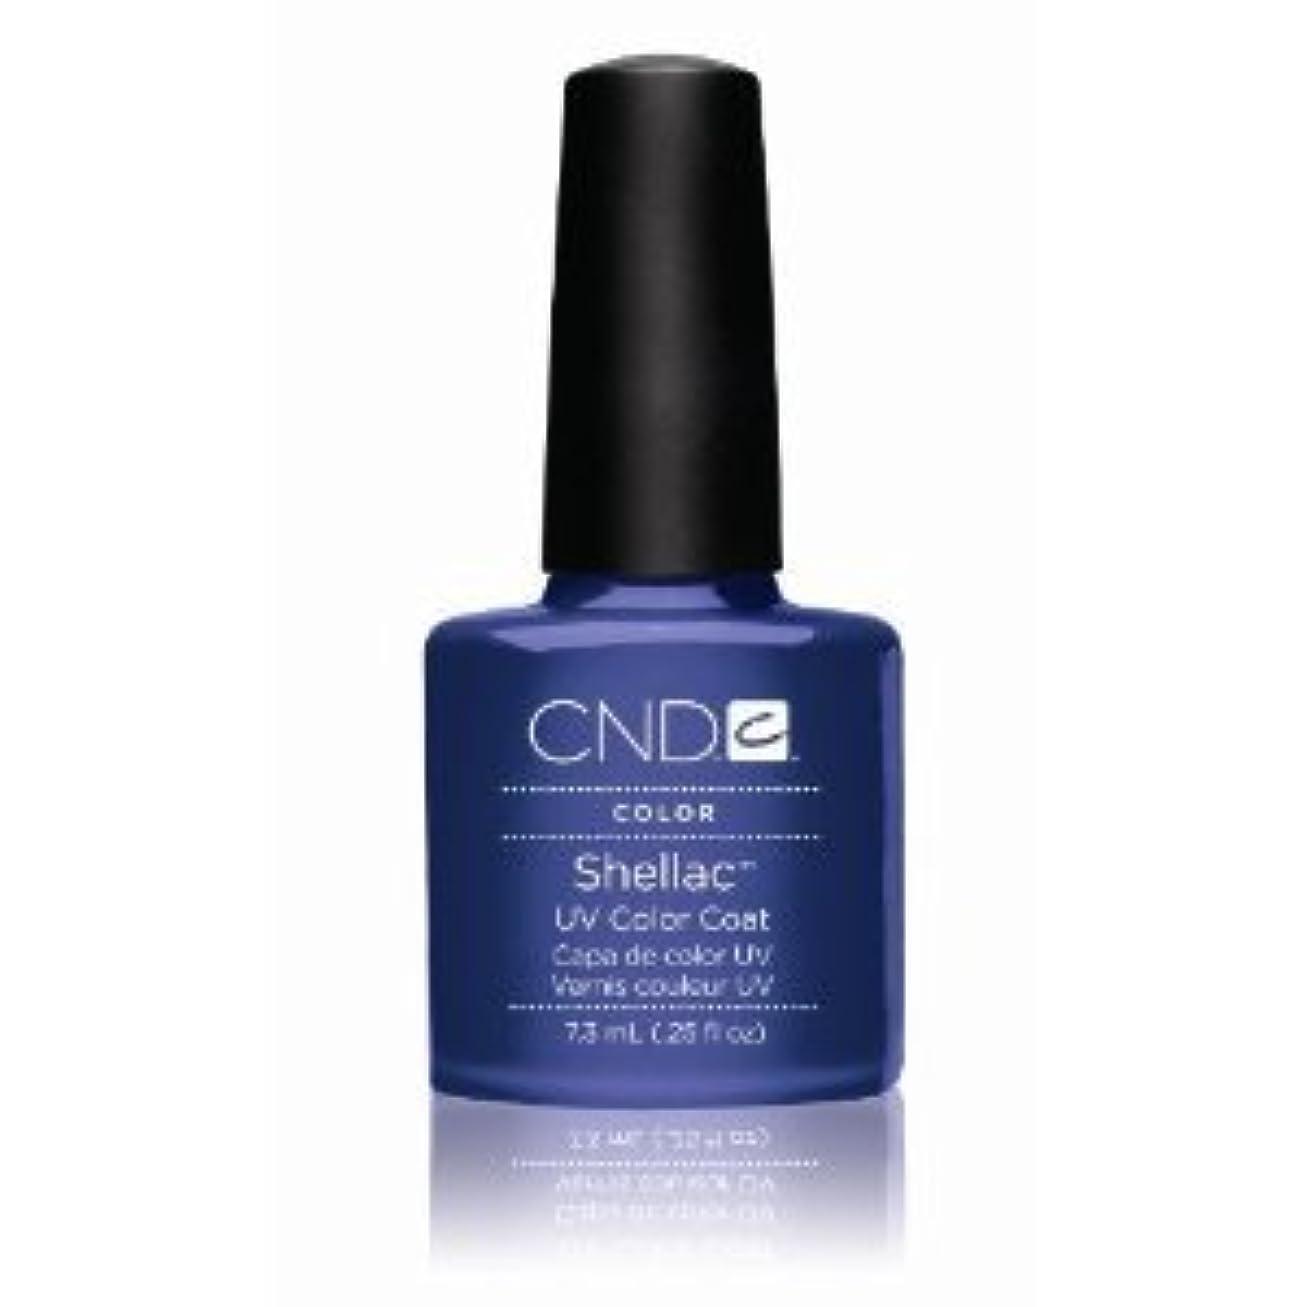 させる写真の元に戻すCND(シーエヌディー) シェラック UVカラーコート7.3mL 530 Purple Purple(パール) [並行輸入][海外直送品]